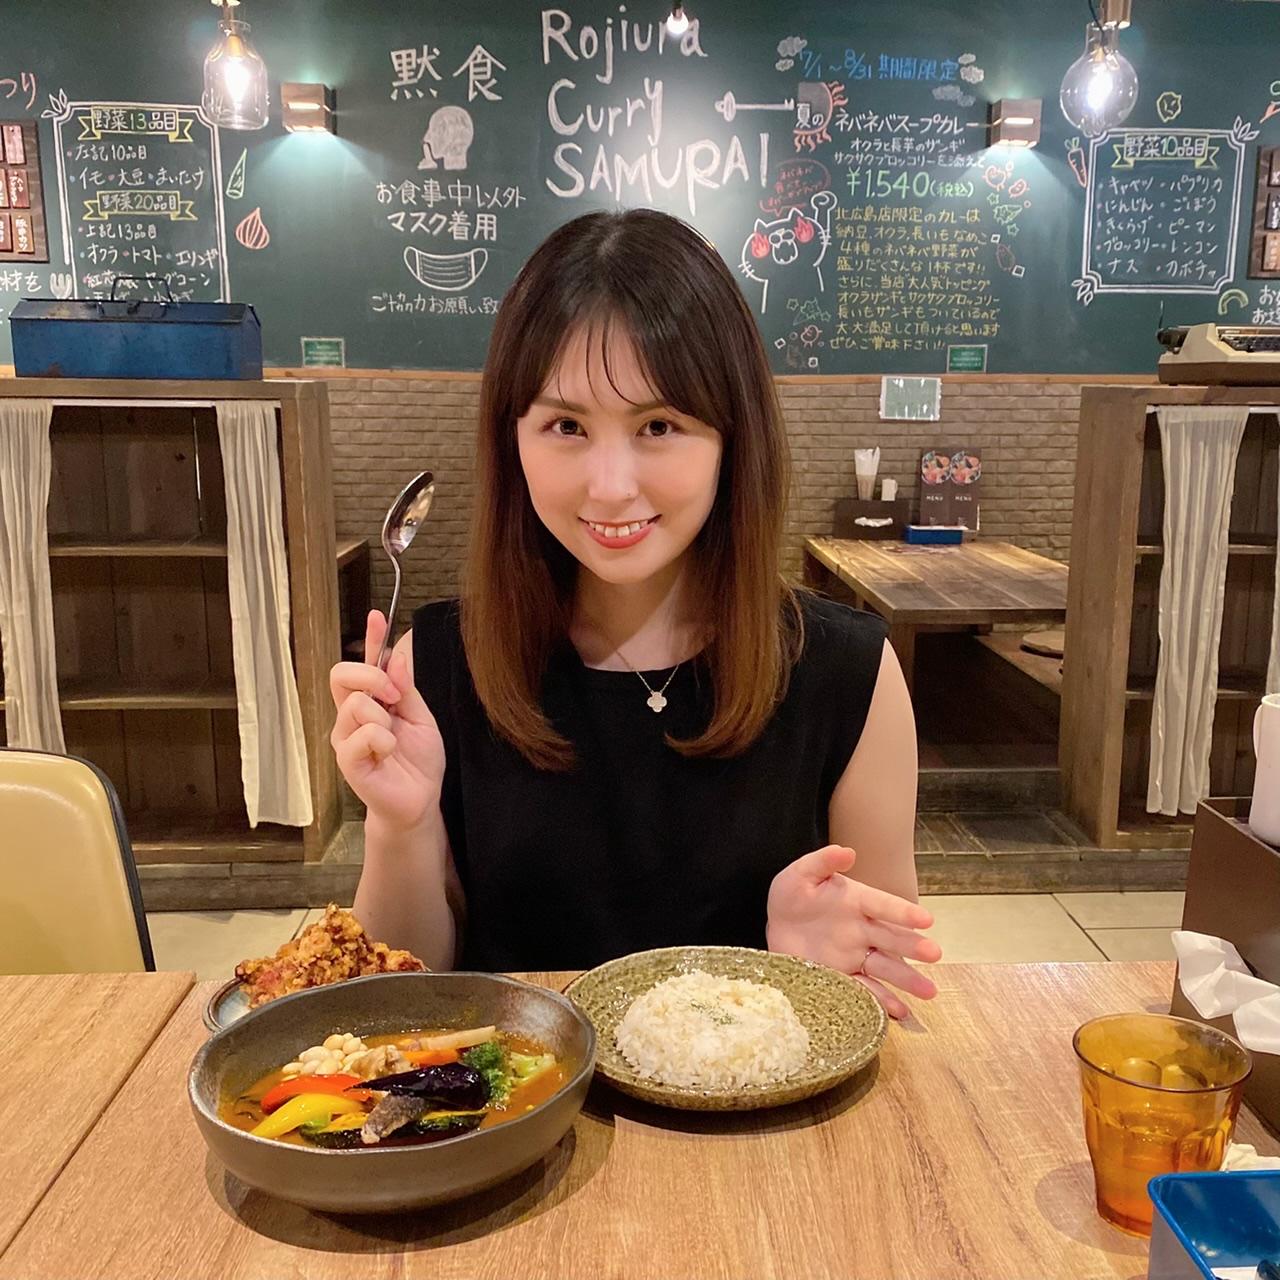 【北海道カレー】Rojiura Curry SAMURAIをご紹介☀︎_5